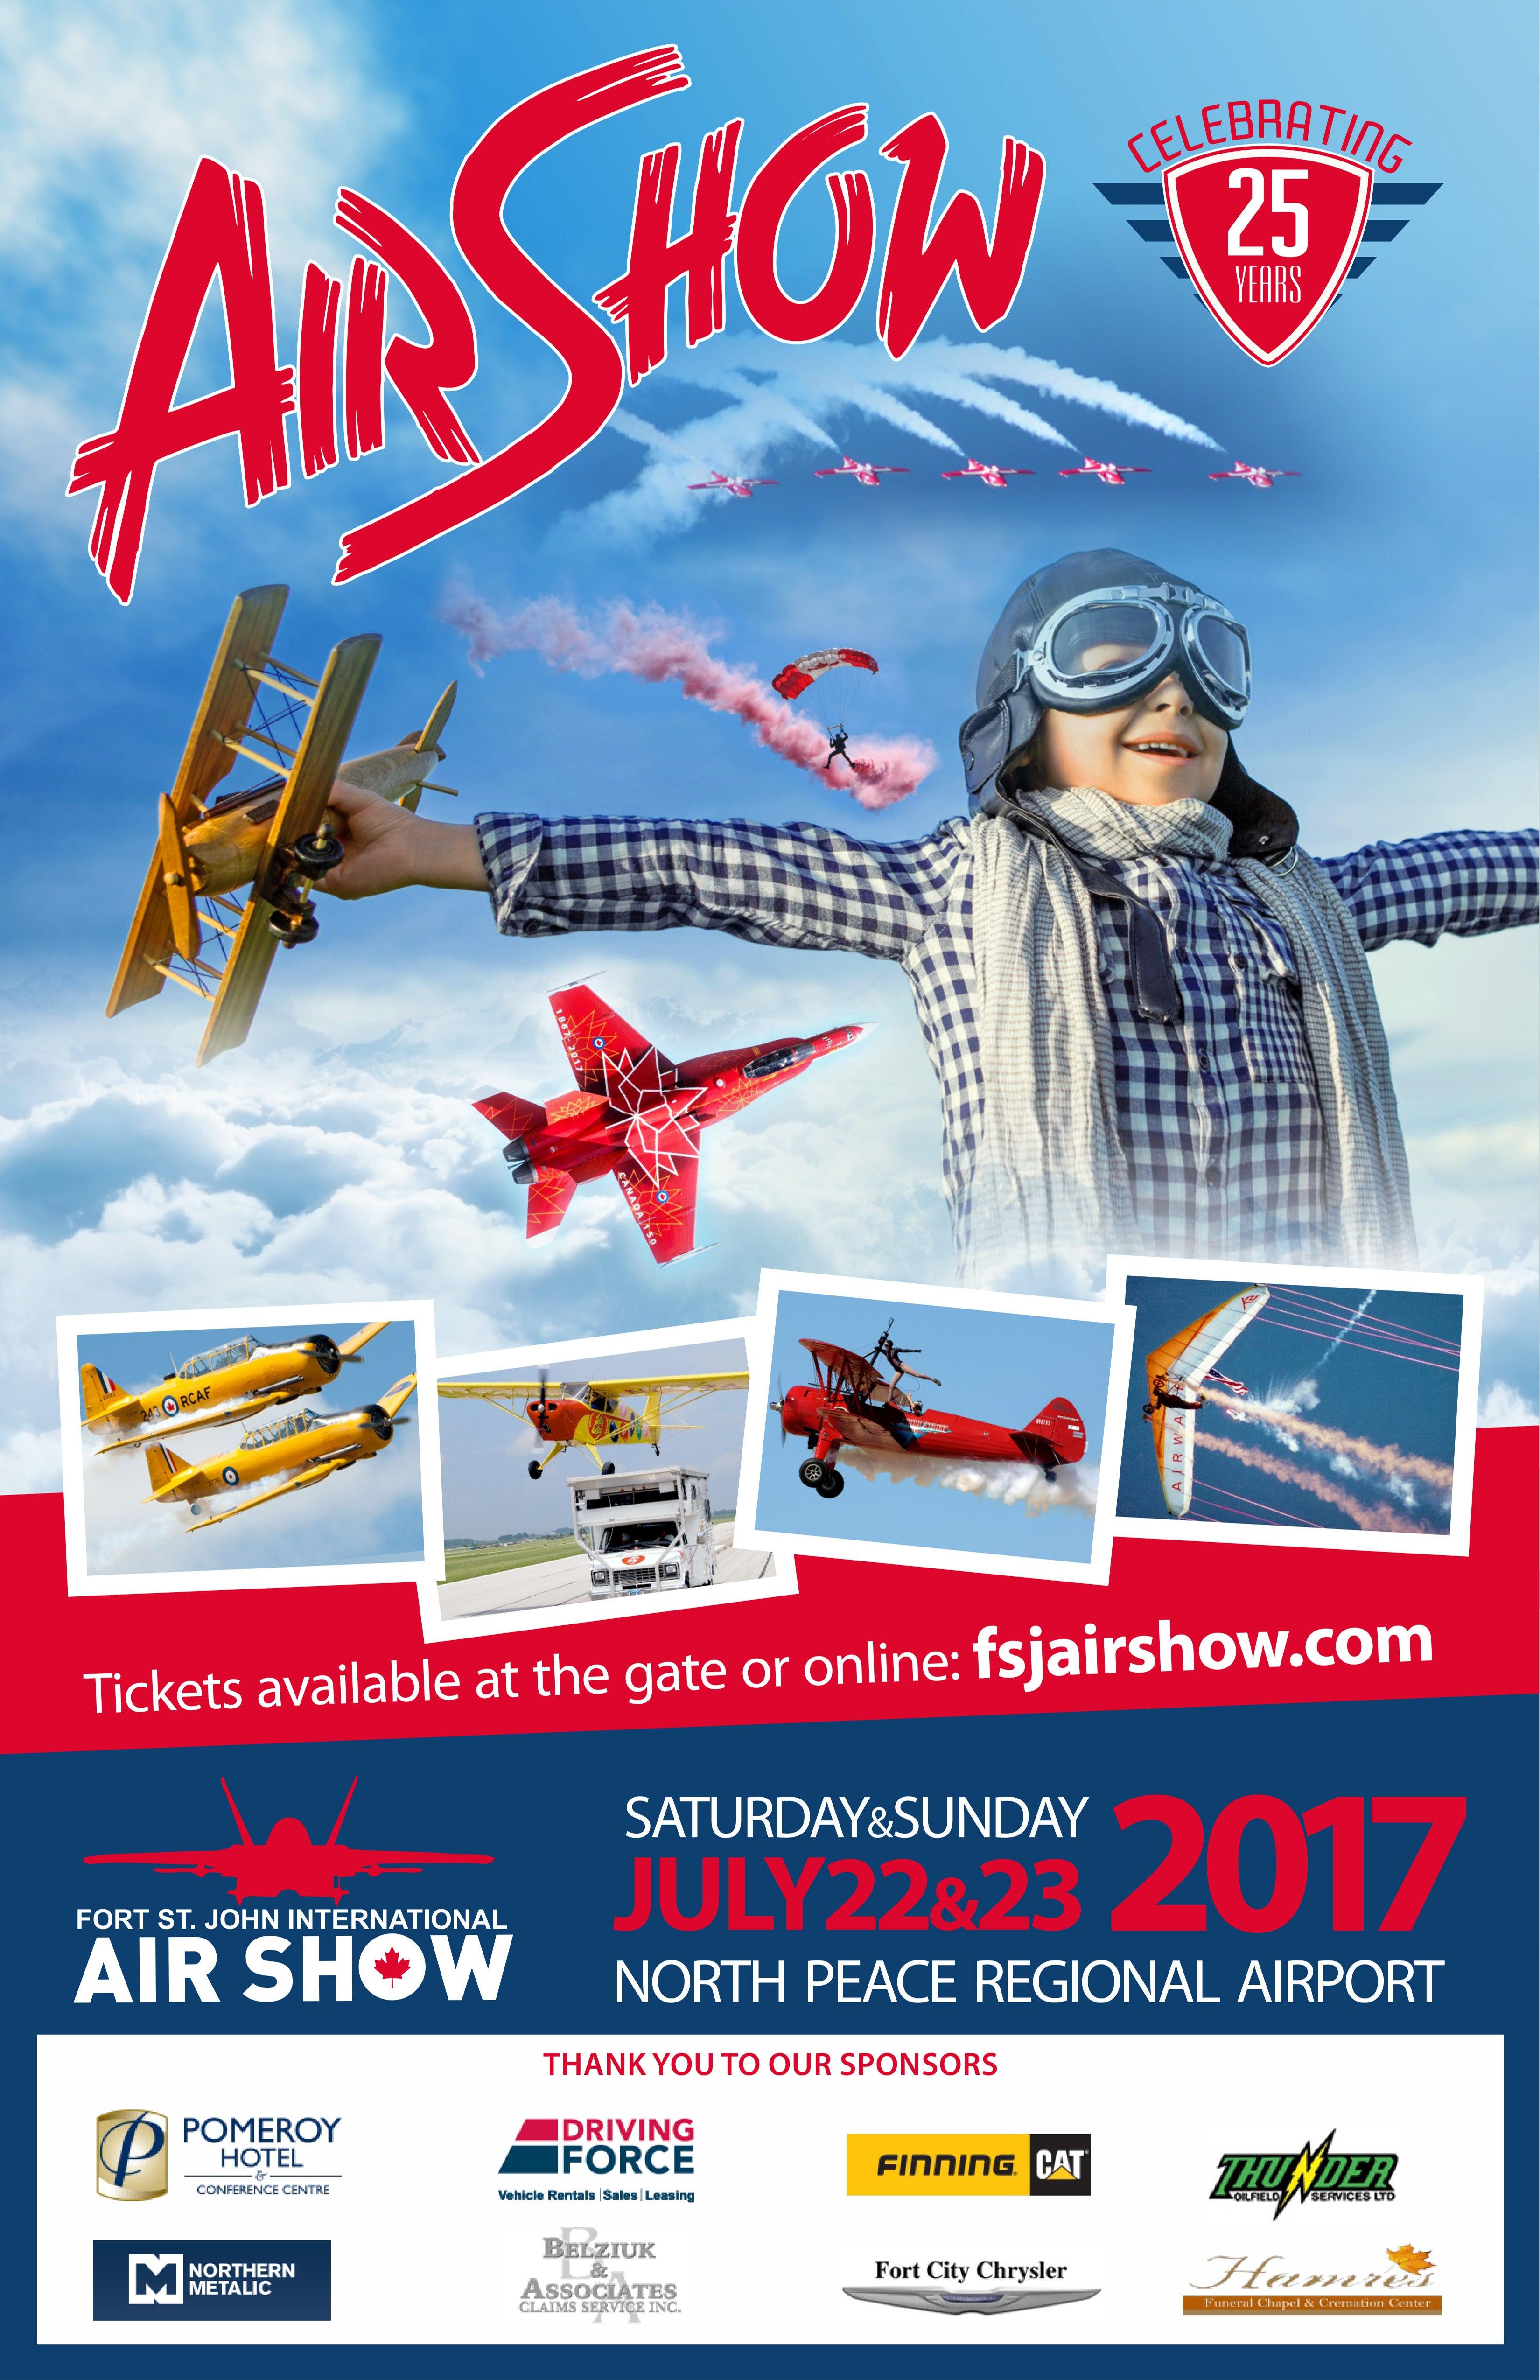 Eastbourne Air Show >> Fort St. John Airshow | Encana Events Centre – Dawson Creek's Entertainment Centre